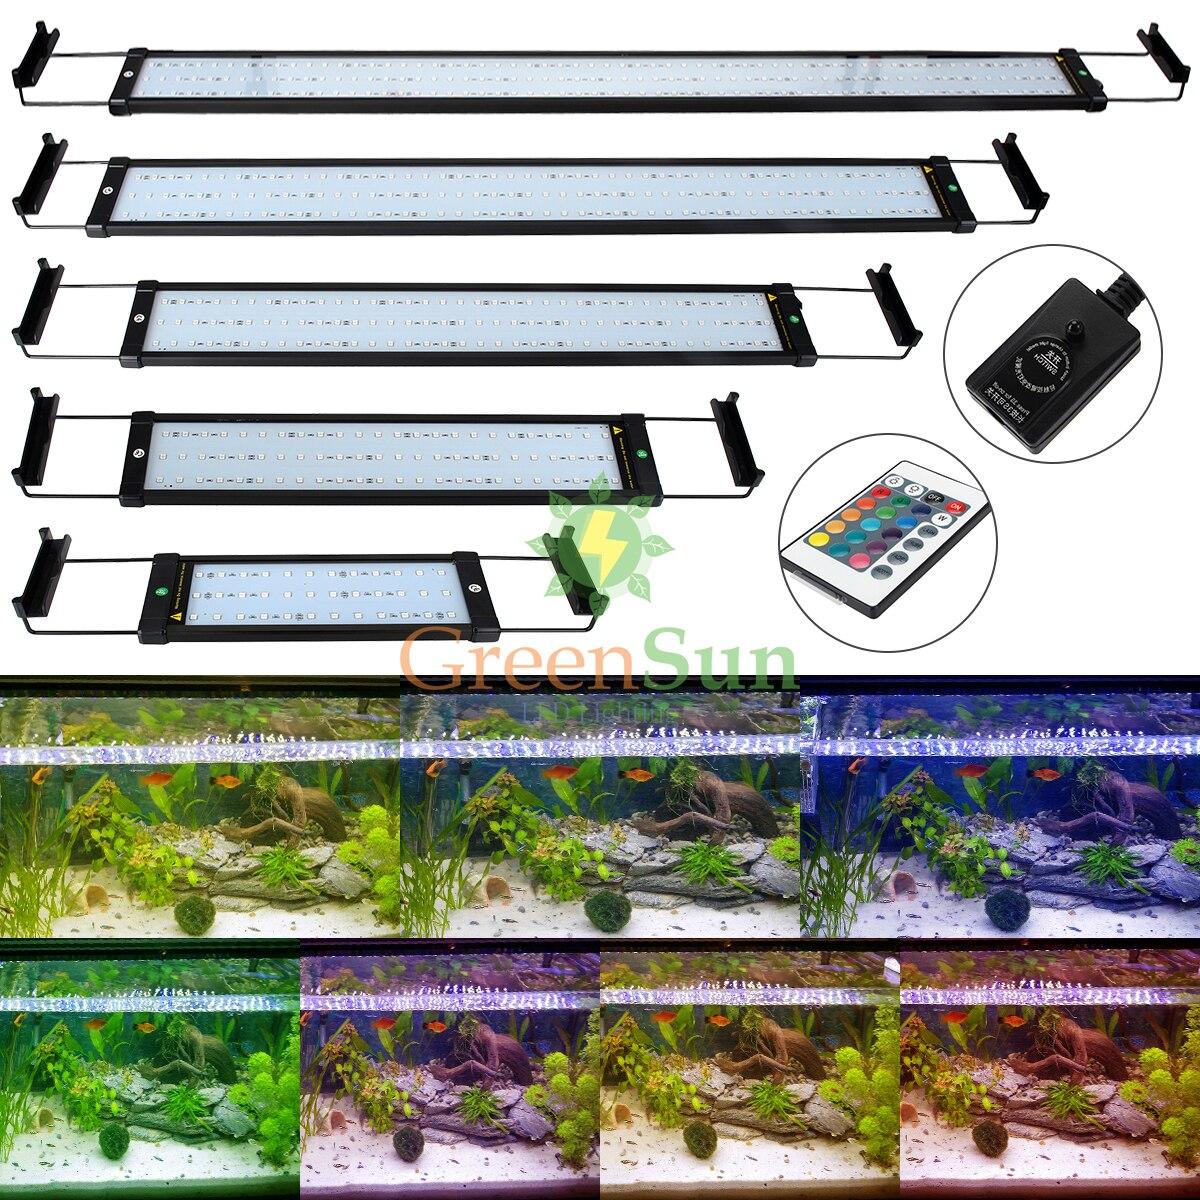 EU Plug UK Plug RGB <font><b>LED</b></font> Fish Tank <font><b>light</b></font> Colorful Aquarium Fish Tank <font><b>Light</b></font> Aquarium Decor Clip Lamp 6W 11W + 24Key Remote